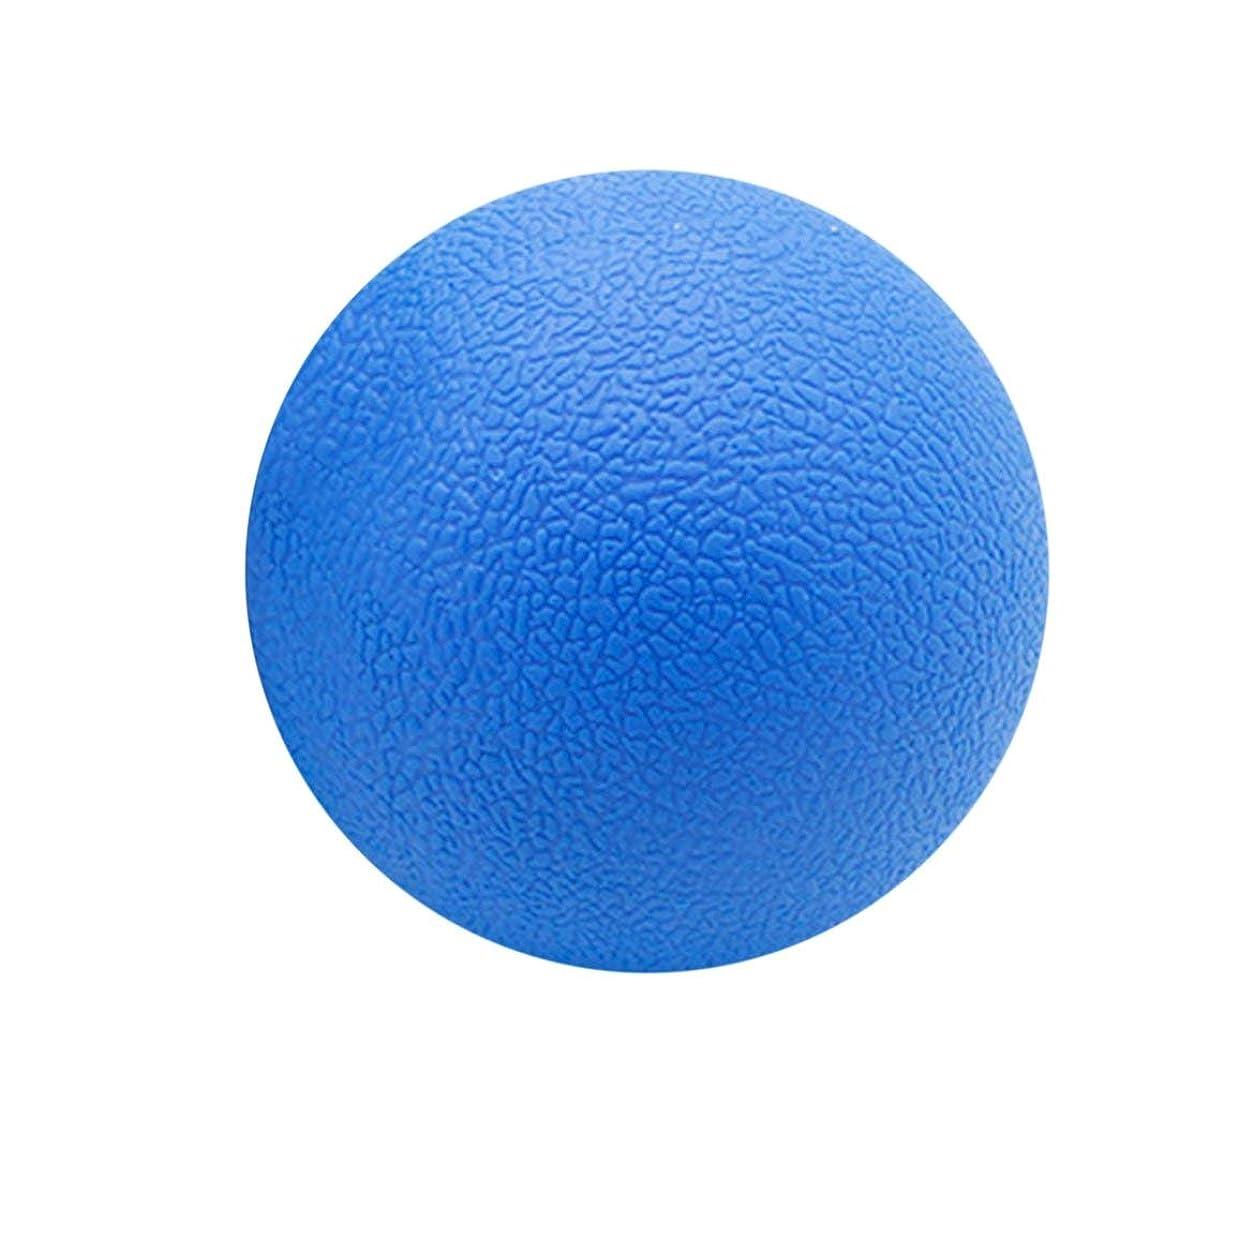 悲しみ中に公フィットネス緩和ジムシングルボールマッサージボールトレーニングフェイシアホッケーボール6.3 cmマッサージフィットネスボールリラックスマッスルボール - ブルー